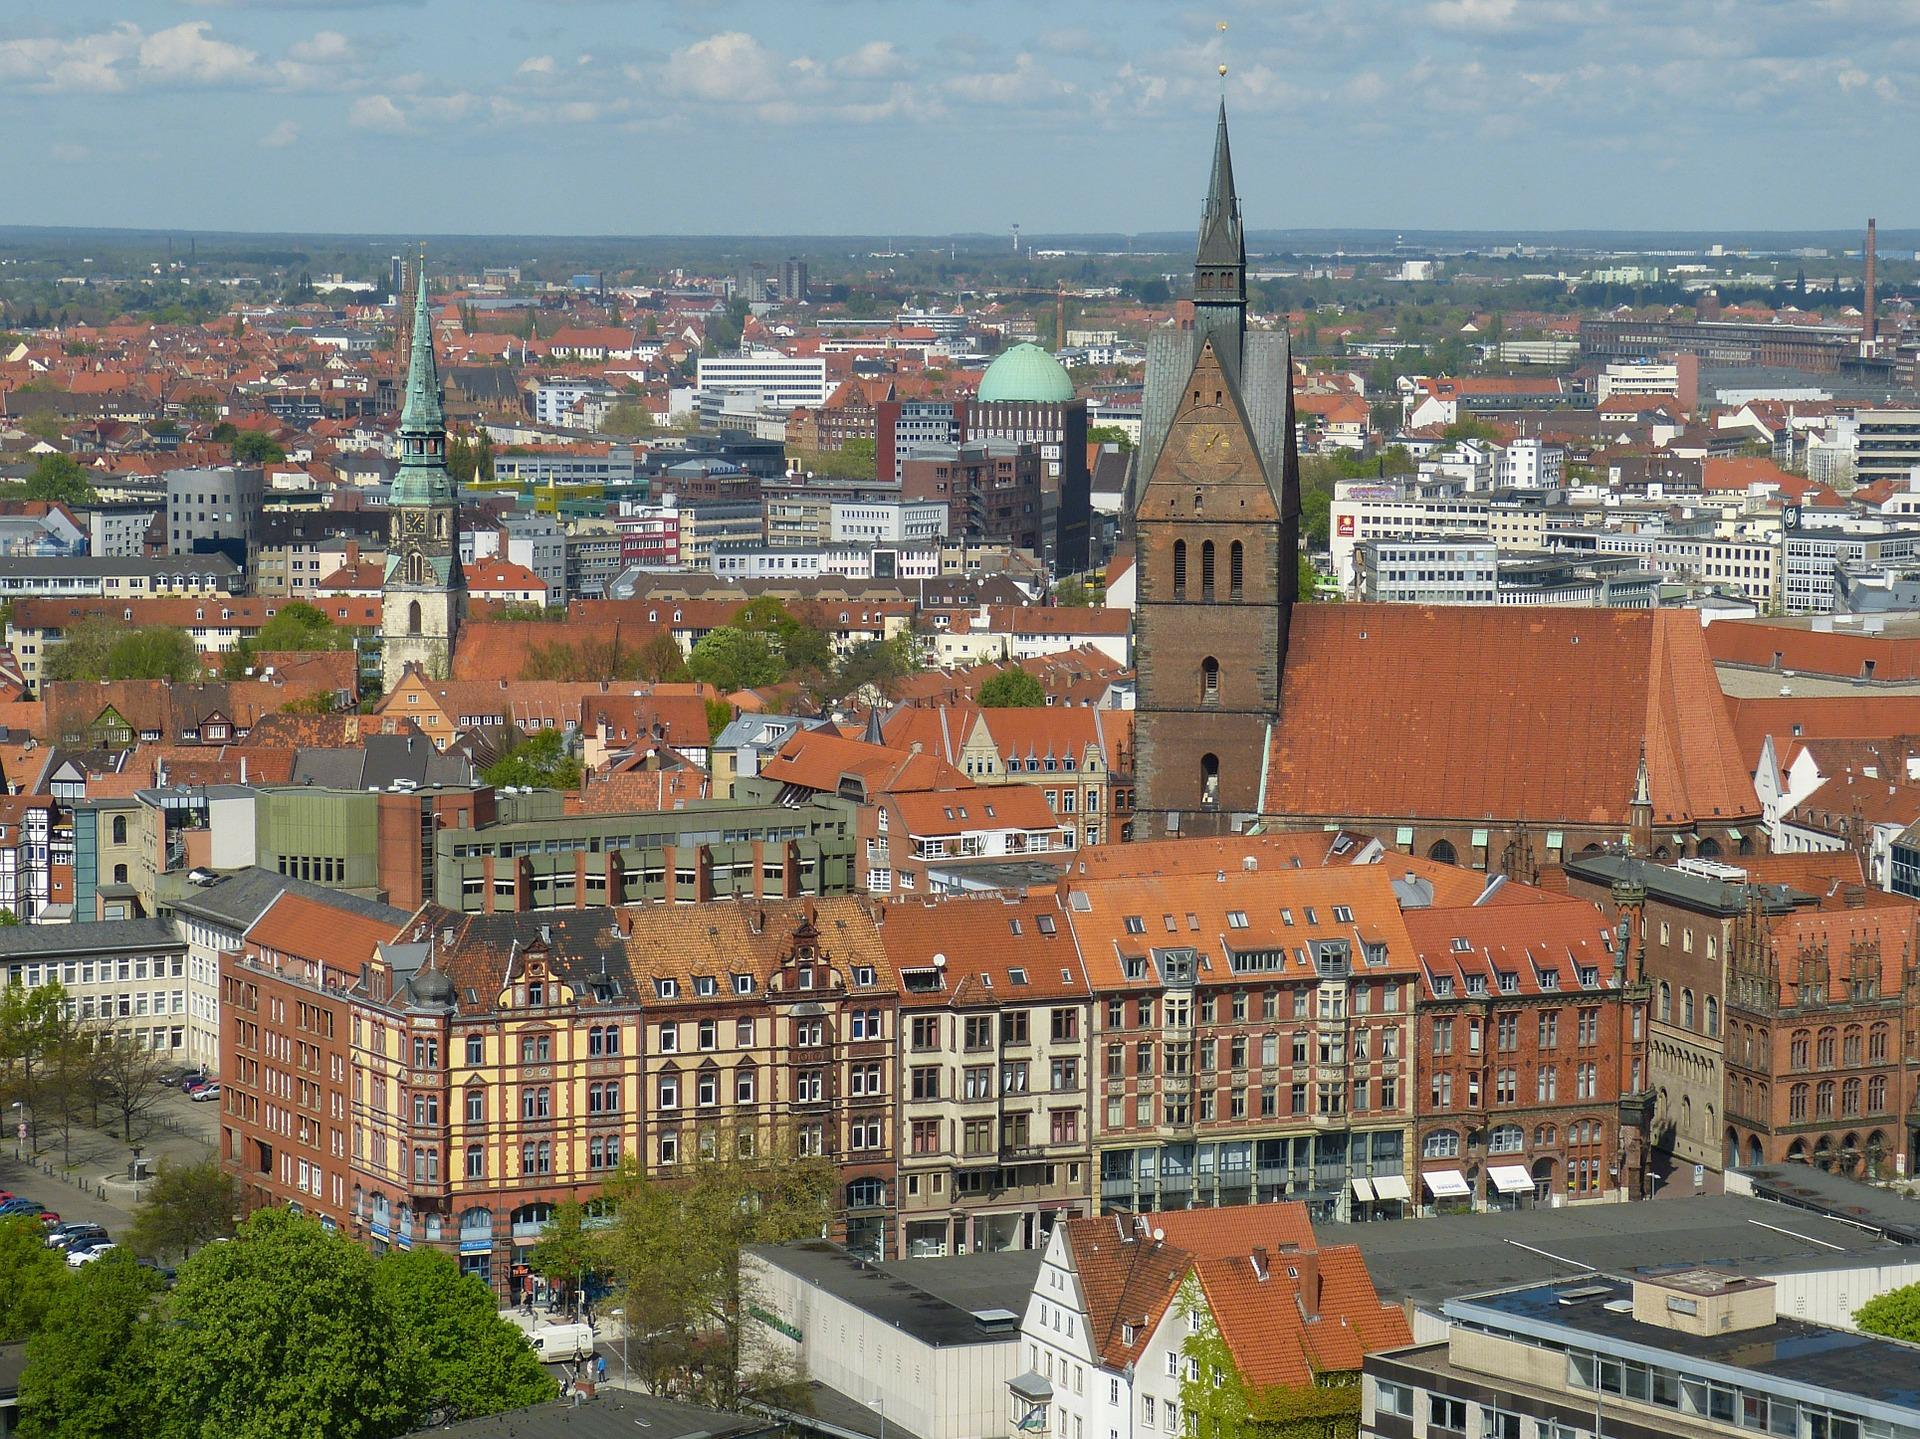 WBS Wohnungen werden in Hannover auch B-Schein Wohnungen genannt. Beide Begriffe meinen aber die geförderten Sozialwohnungen